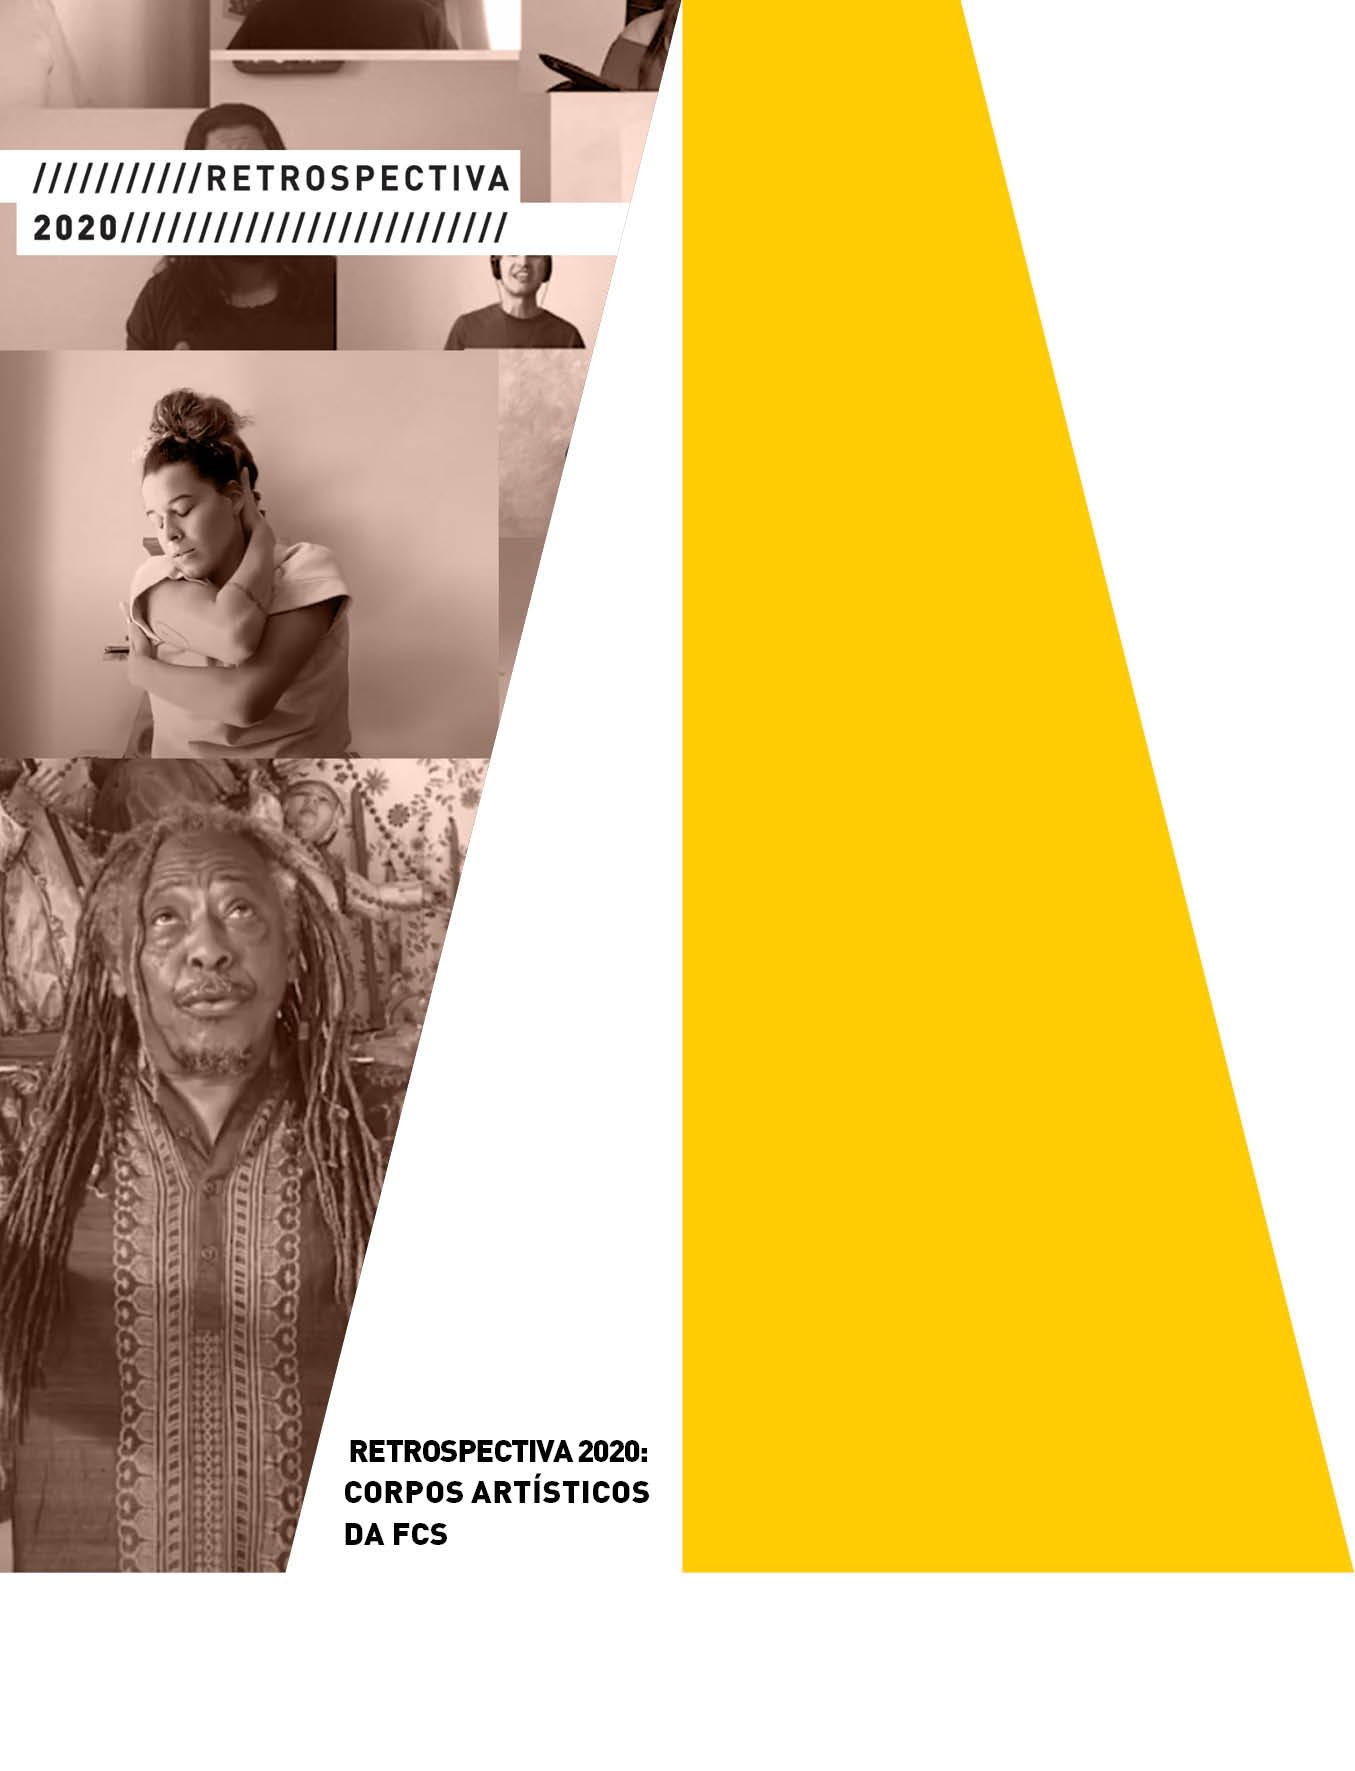 Evento: Retrospectiva 2020 relembra produções memoráveis dos Corpos Artísticos da FCS